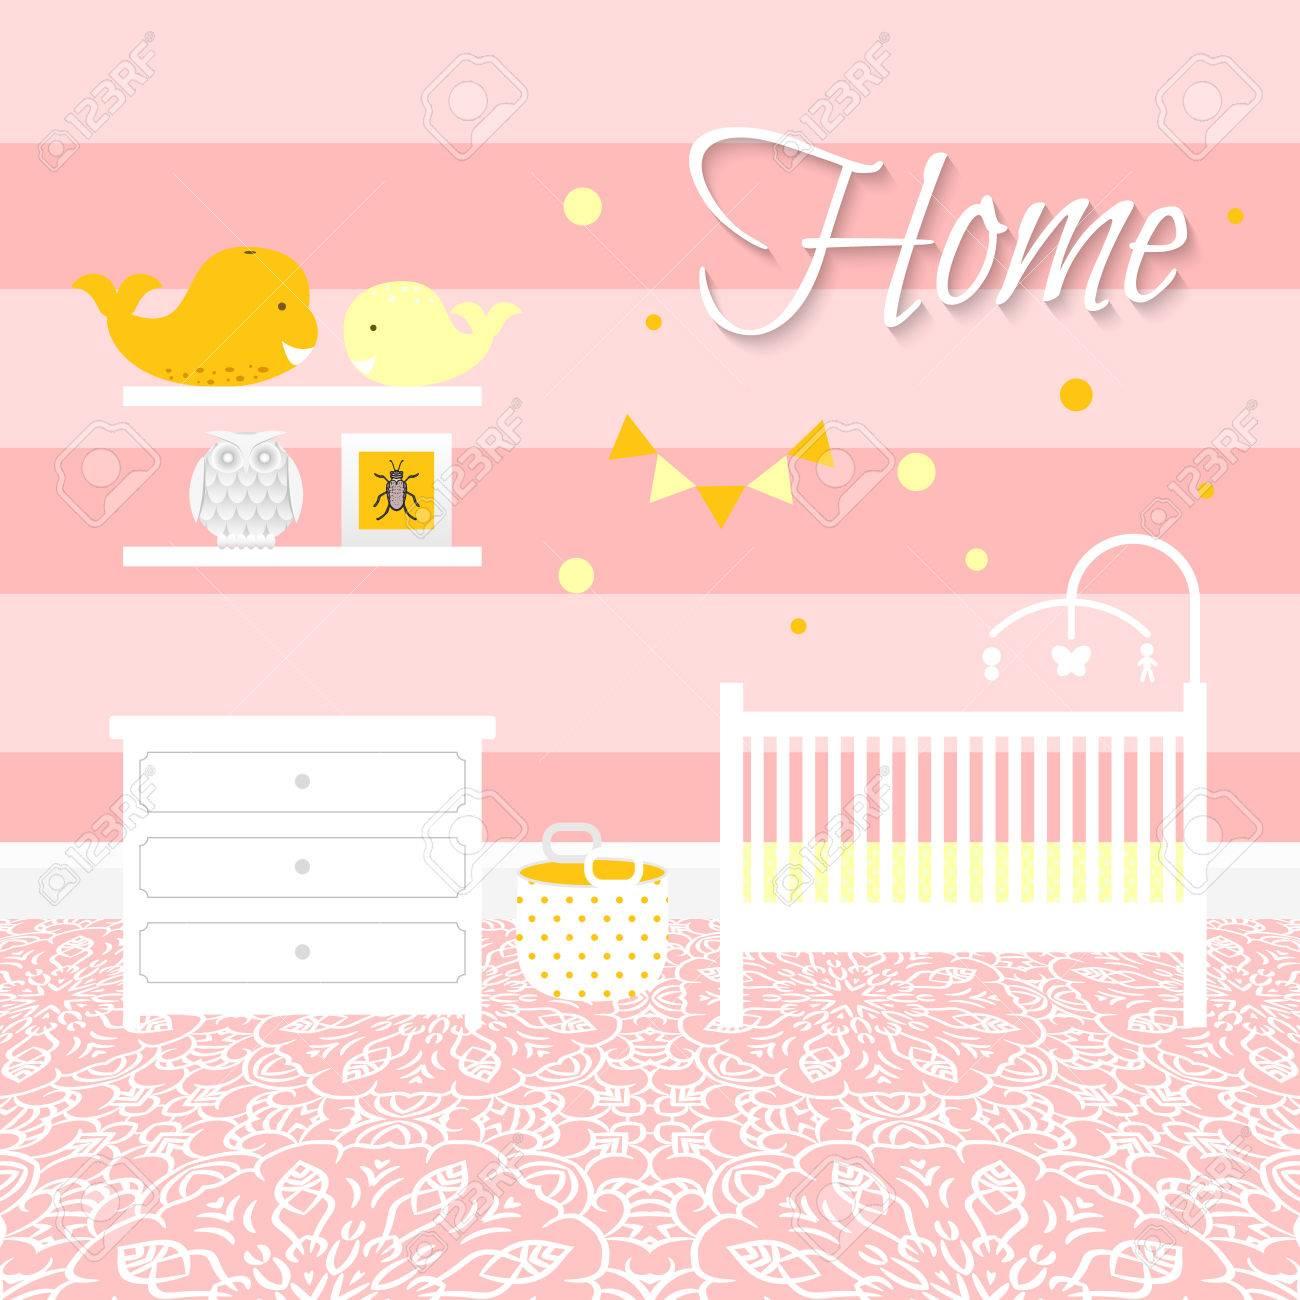 Kinderzimmer Mit Weißen Möbeln. Baby Rosa Streifen Innenraum. Mädchen  Raumgestaltung Mit Bett,